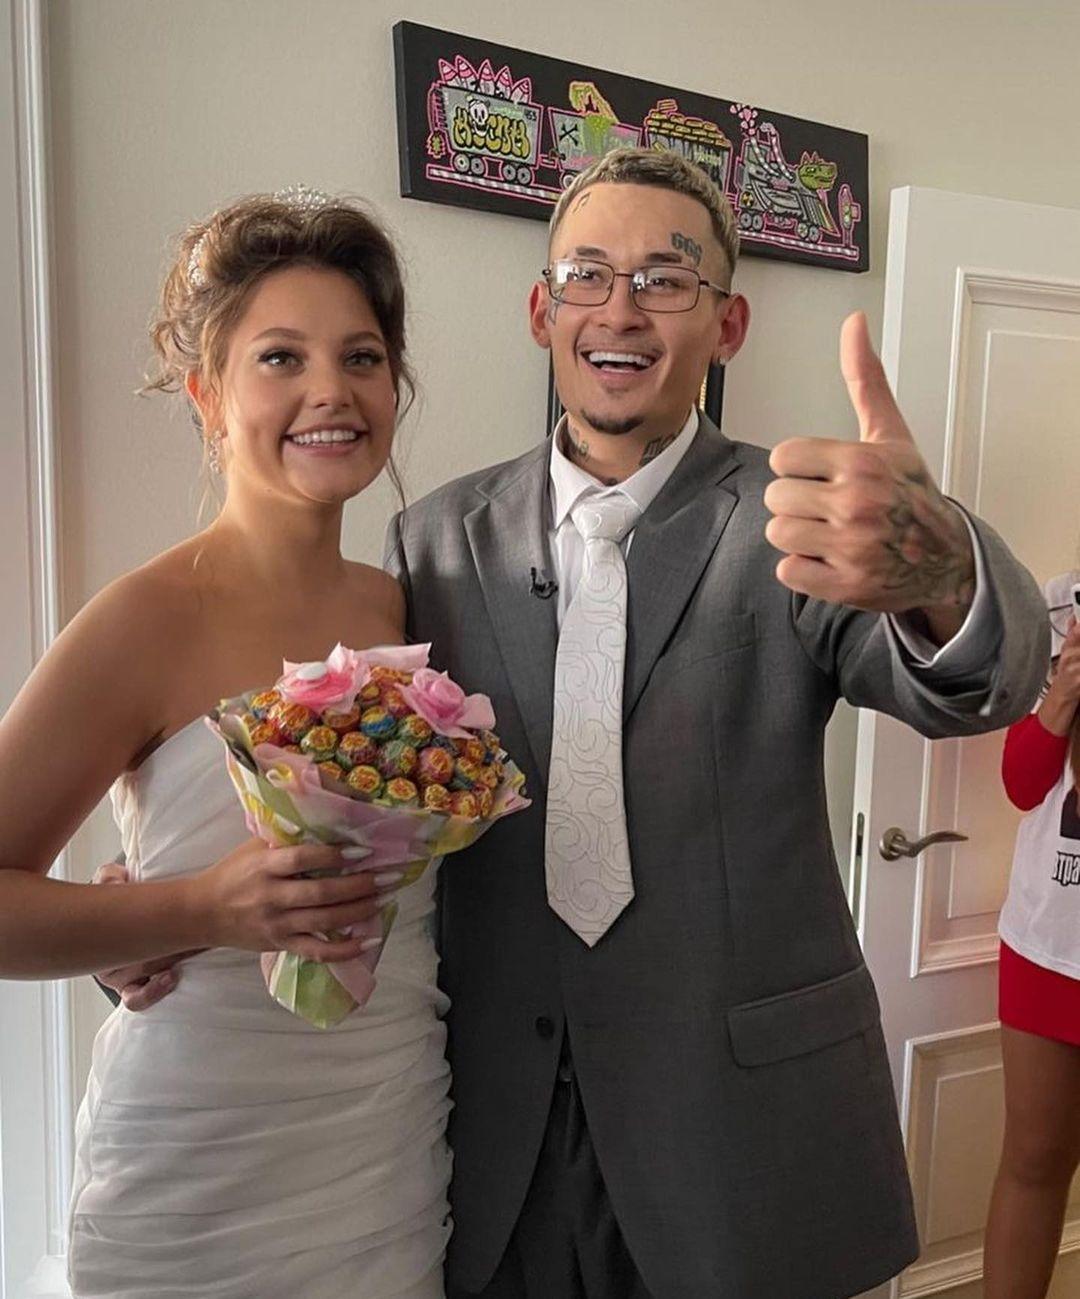 Торжество в стиле 2000-х? Появились первые фото со свадьбы Моргенштерна и Дилары - фото №2